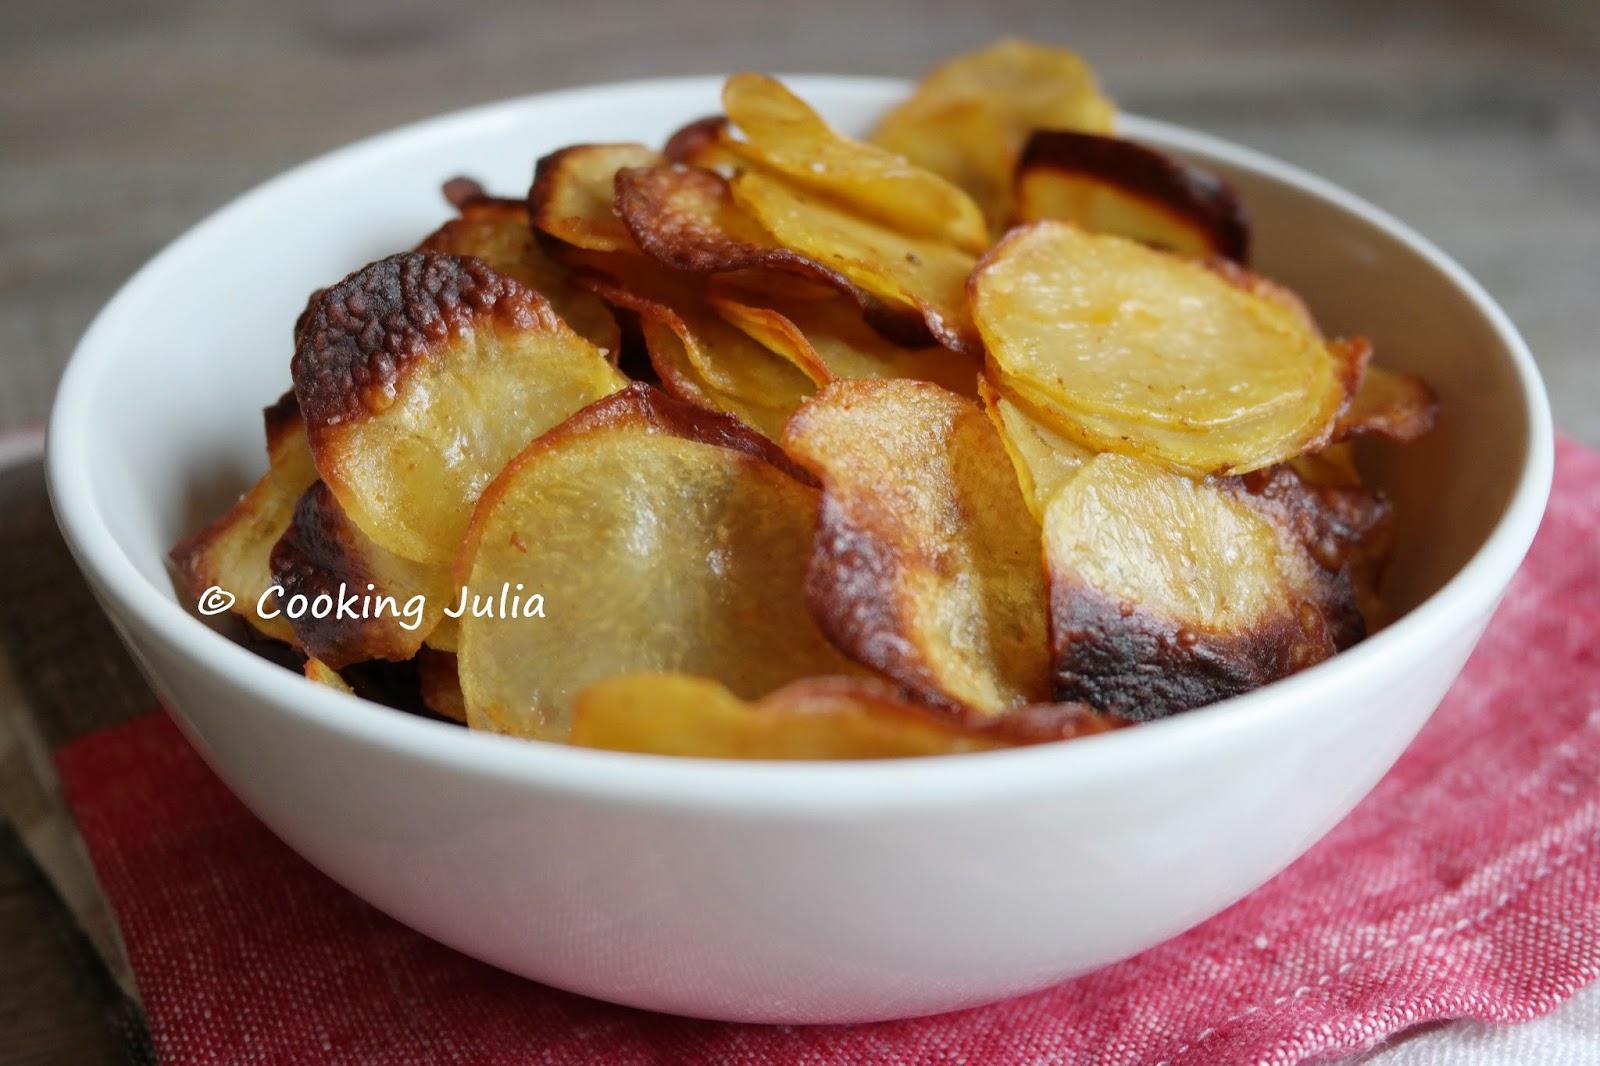 Recette chips fait maison au four ventana blog - Chips fait maison au four ...